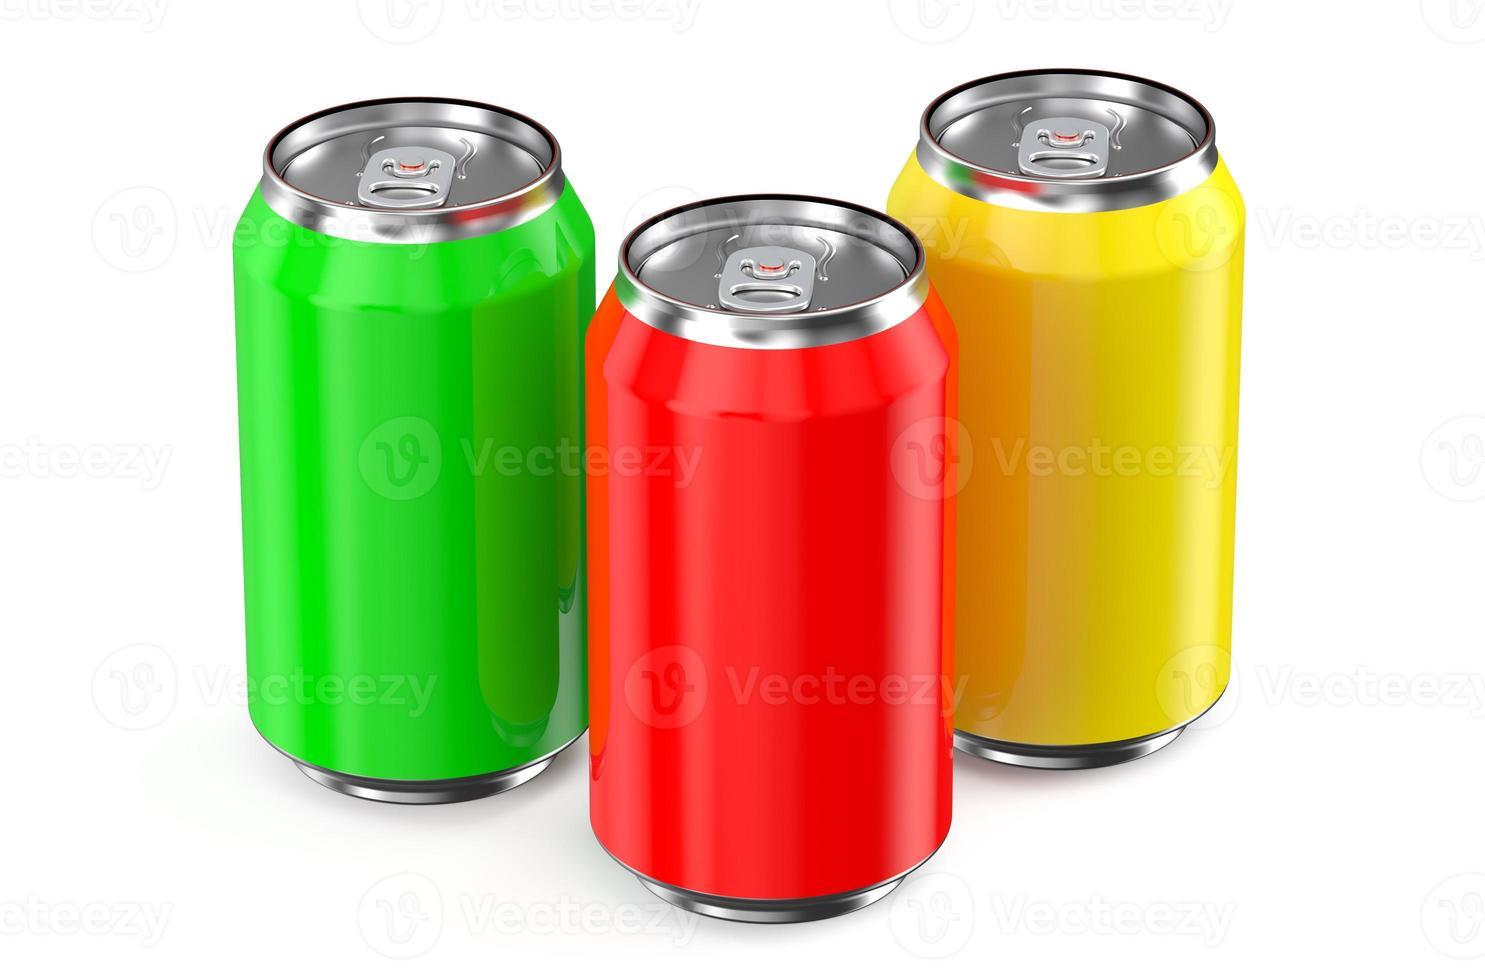 conjunto de latas metálicas de bebida foto